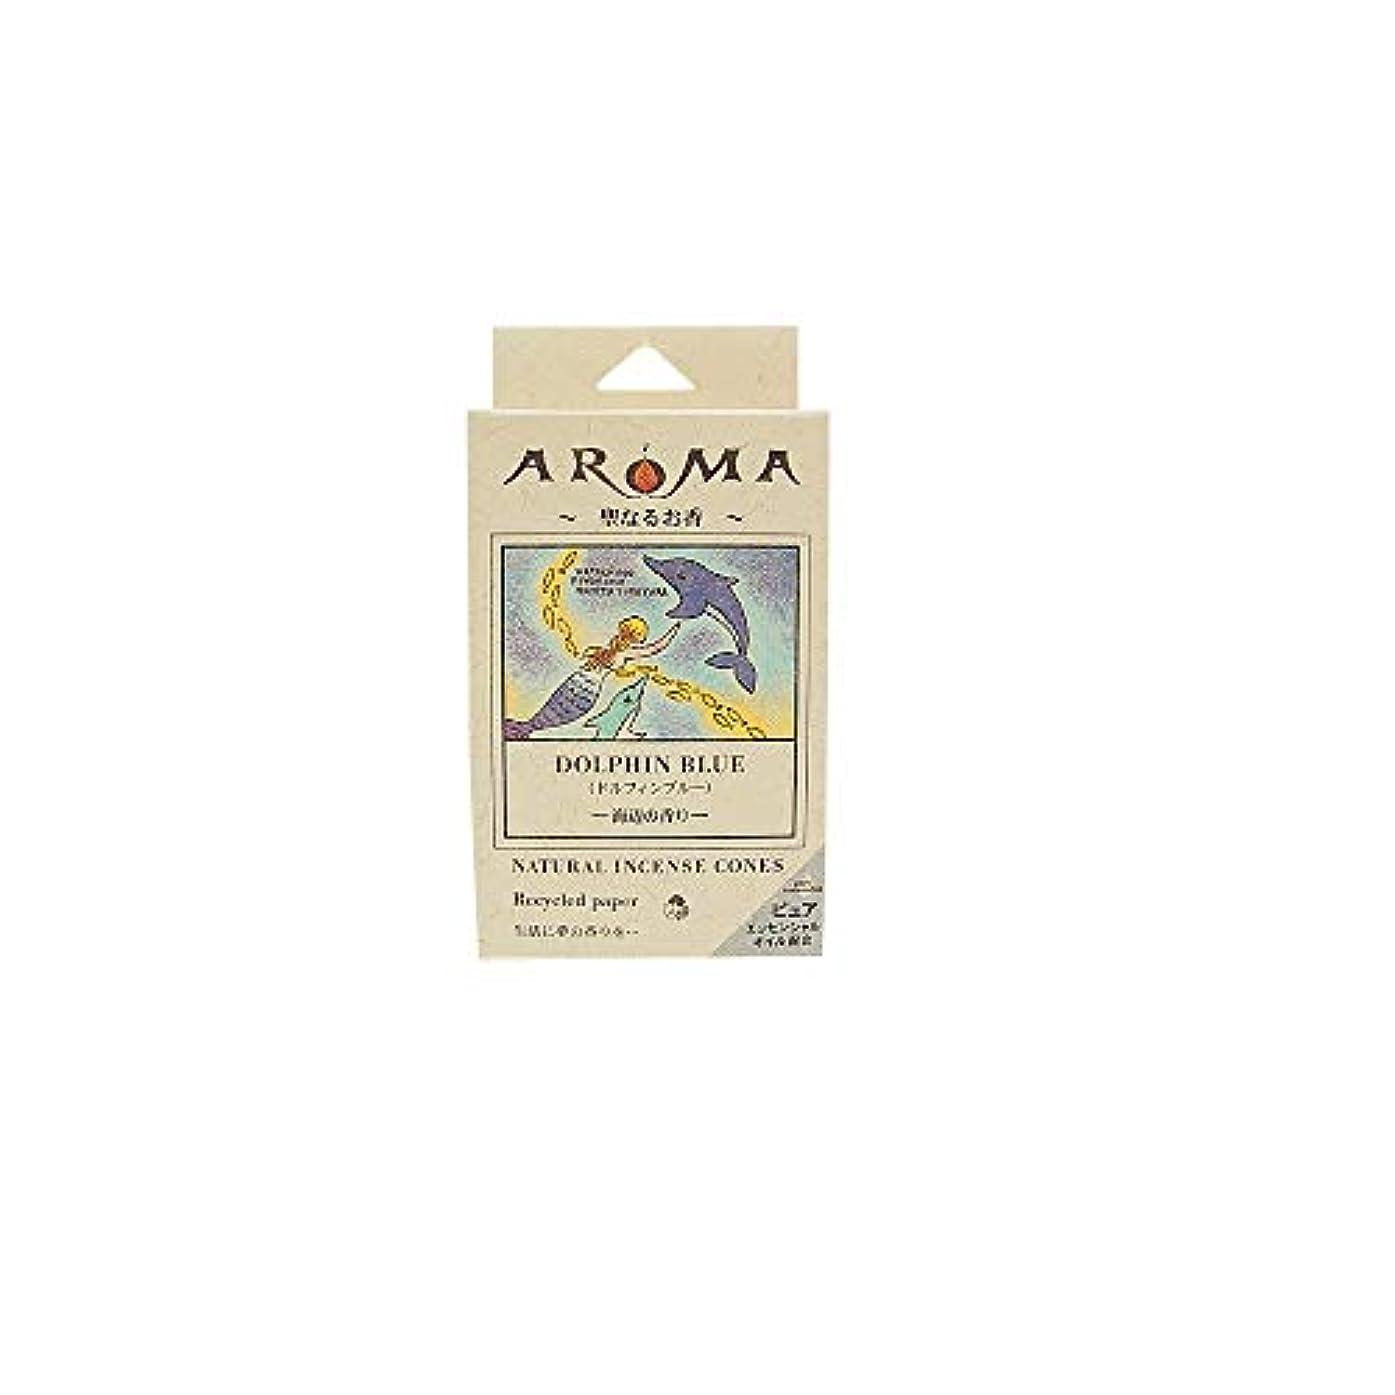 染色前者信念アロマ香 ドルフィンブルー 16粒(コーンタイプインセンス 1粒の燃焼時間約20分 海辺の香り)